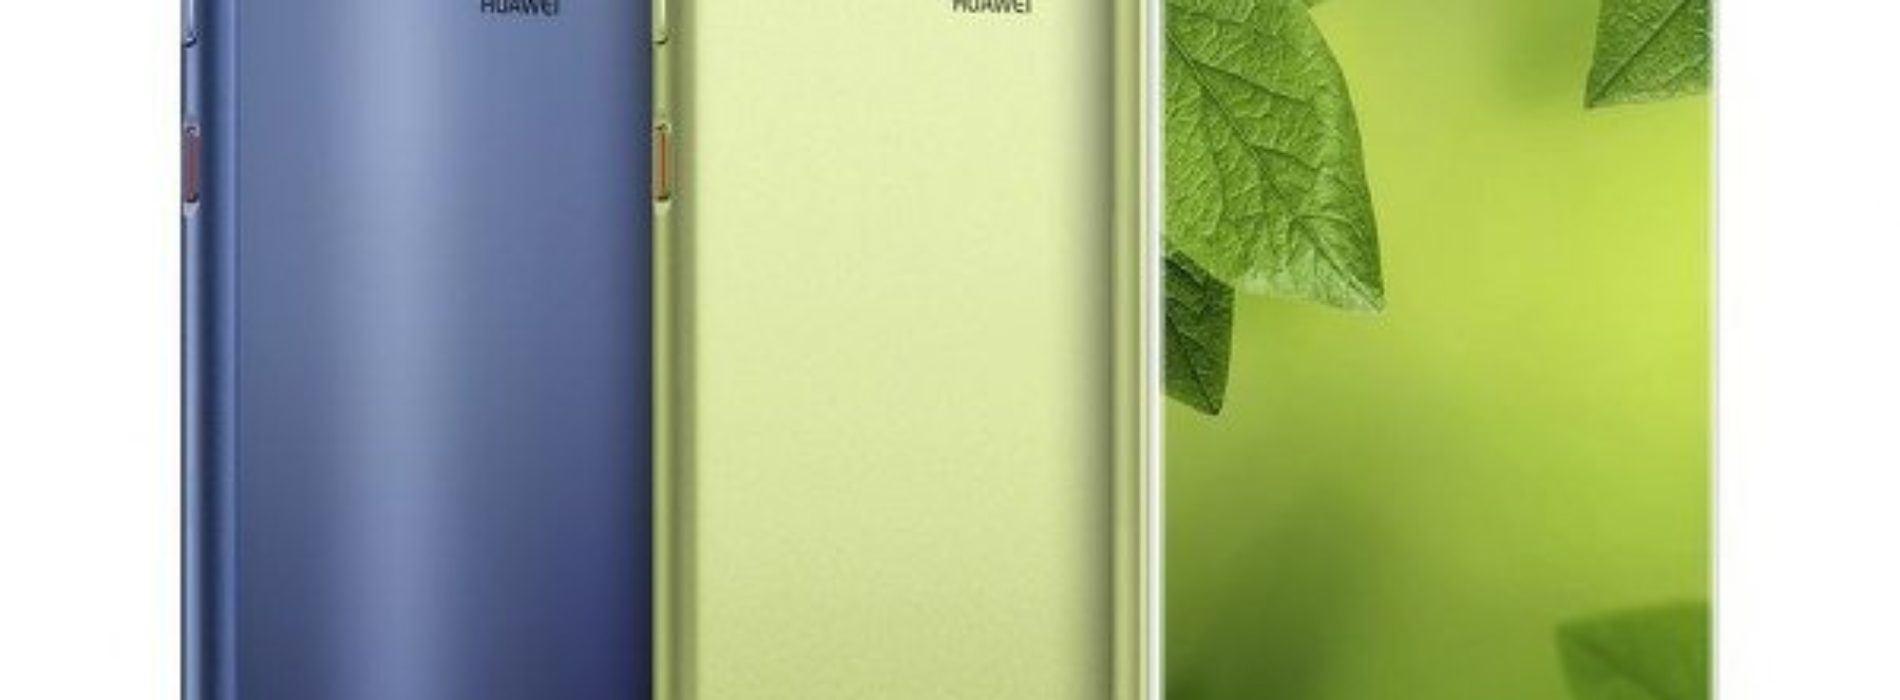 Este es el Huawei P10 Plus con pantalla 2K